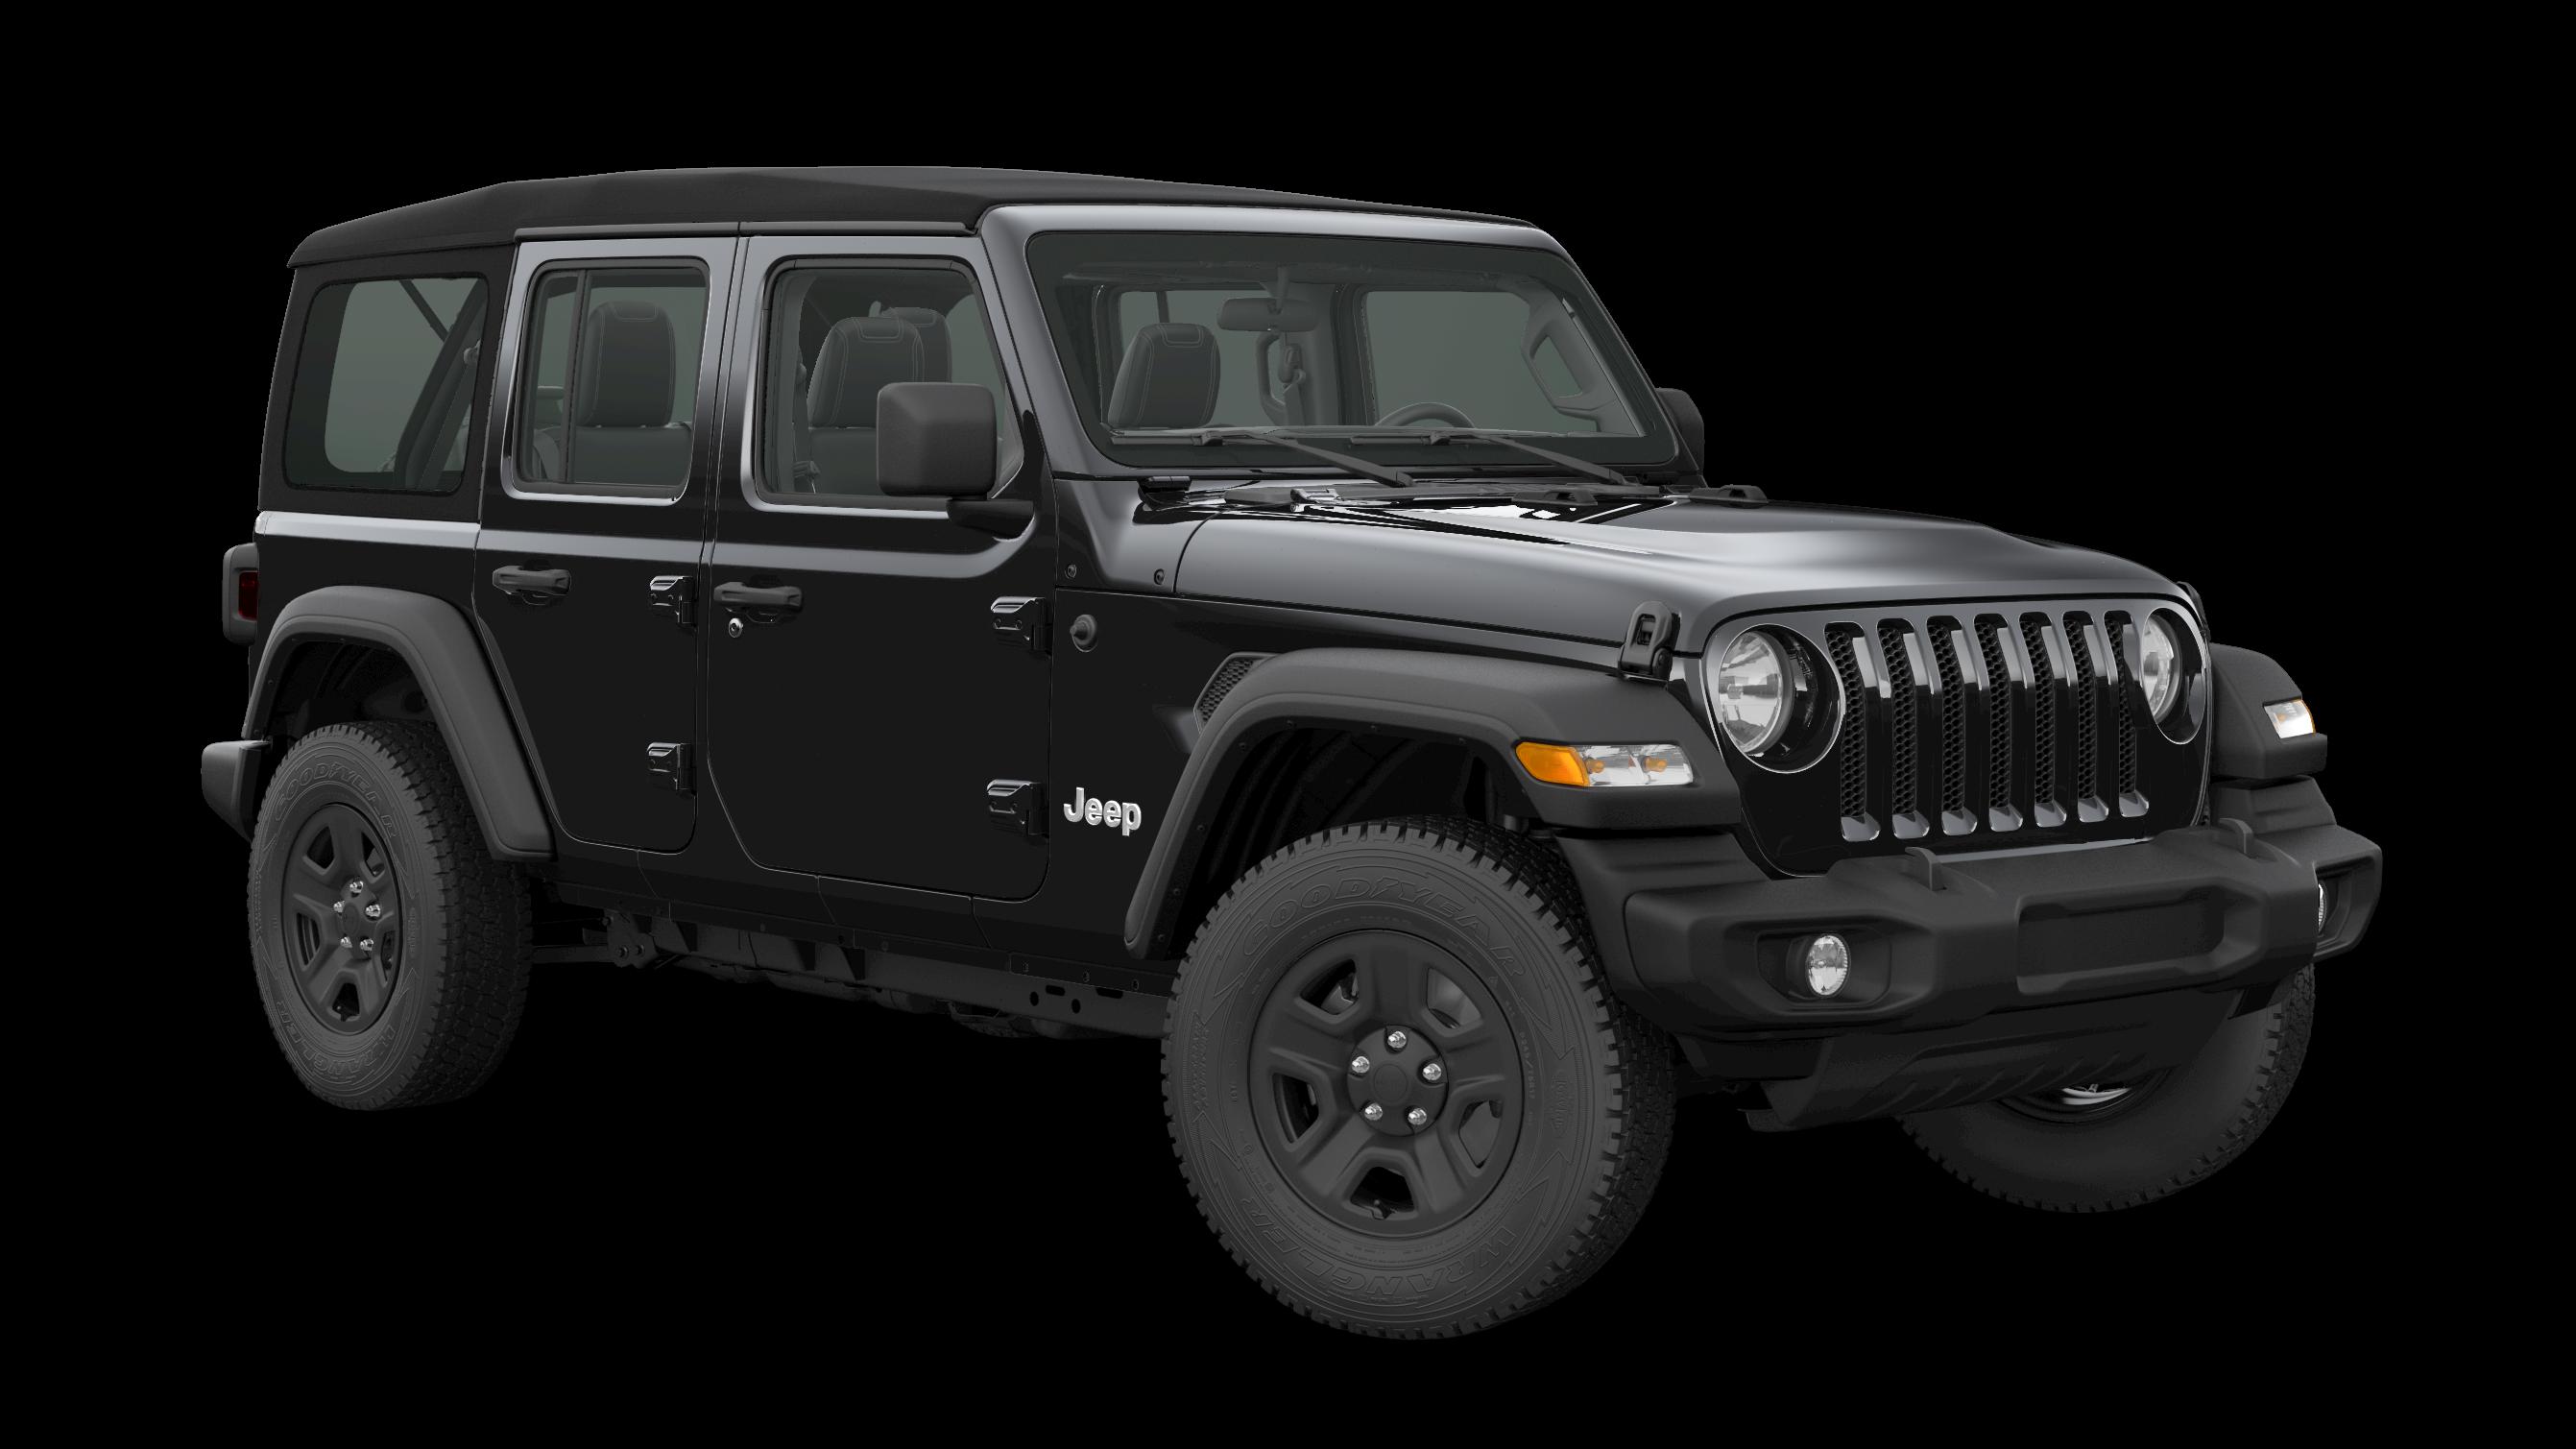 2018 jeep wrangler jl grand junction chrysler dodge jeep ram. Black Bedroom Furniture Sets. Home Design Ideas